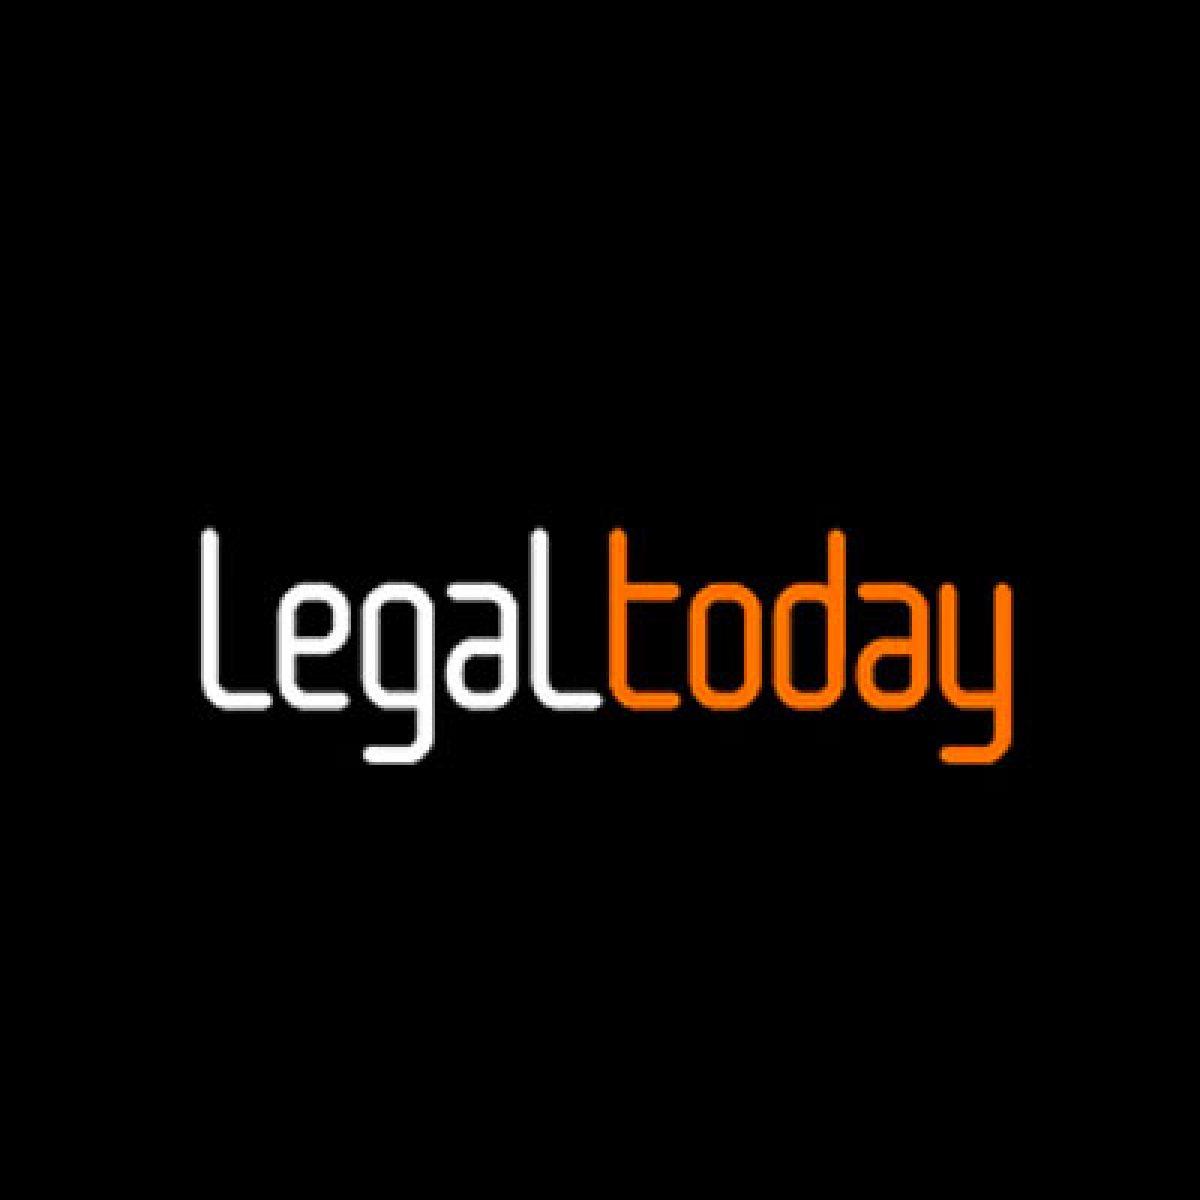 Publicación en la web Legal Today